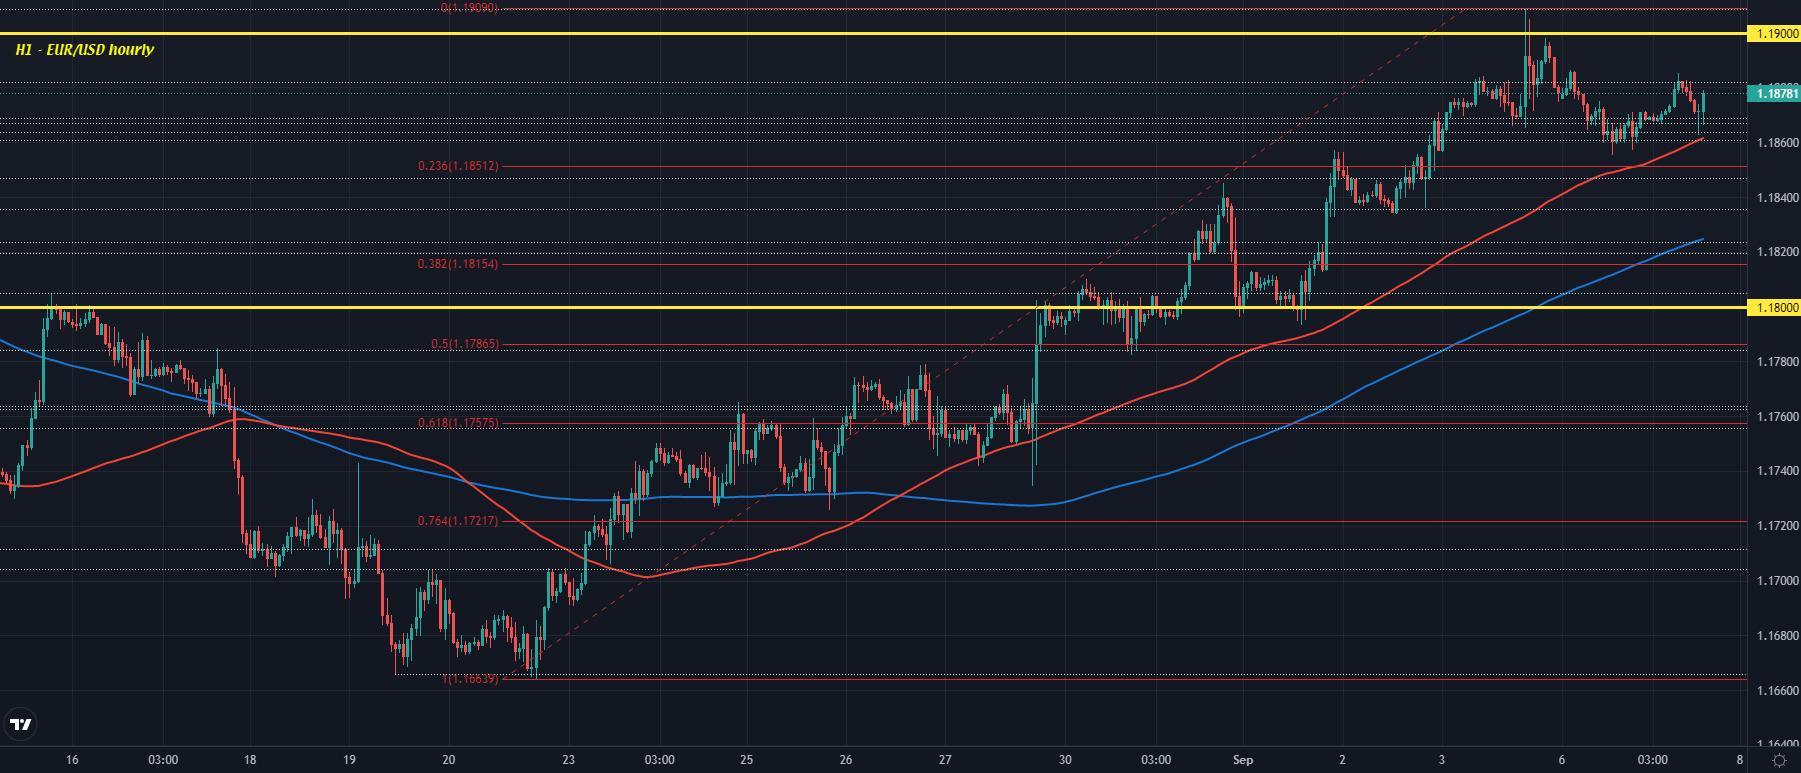 EUR/USD H1 07-09